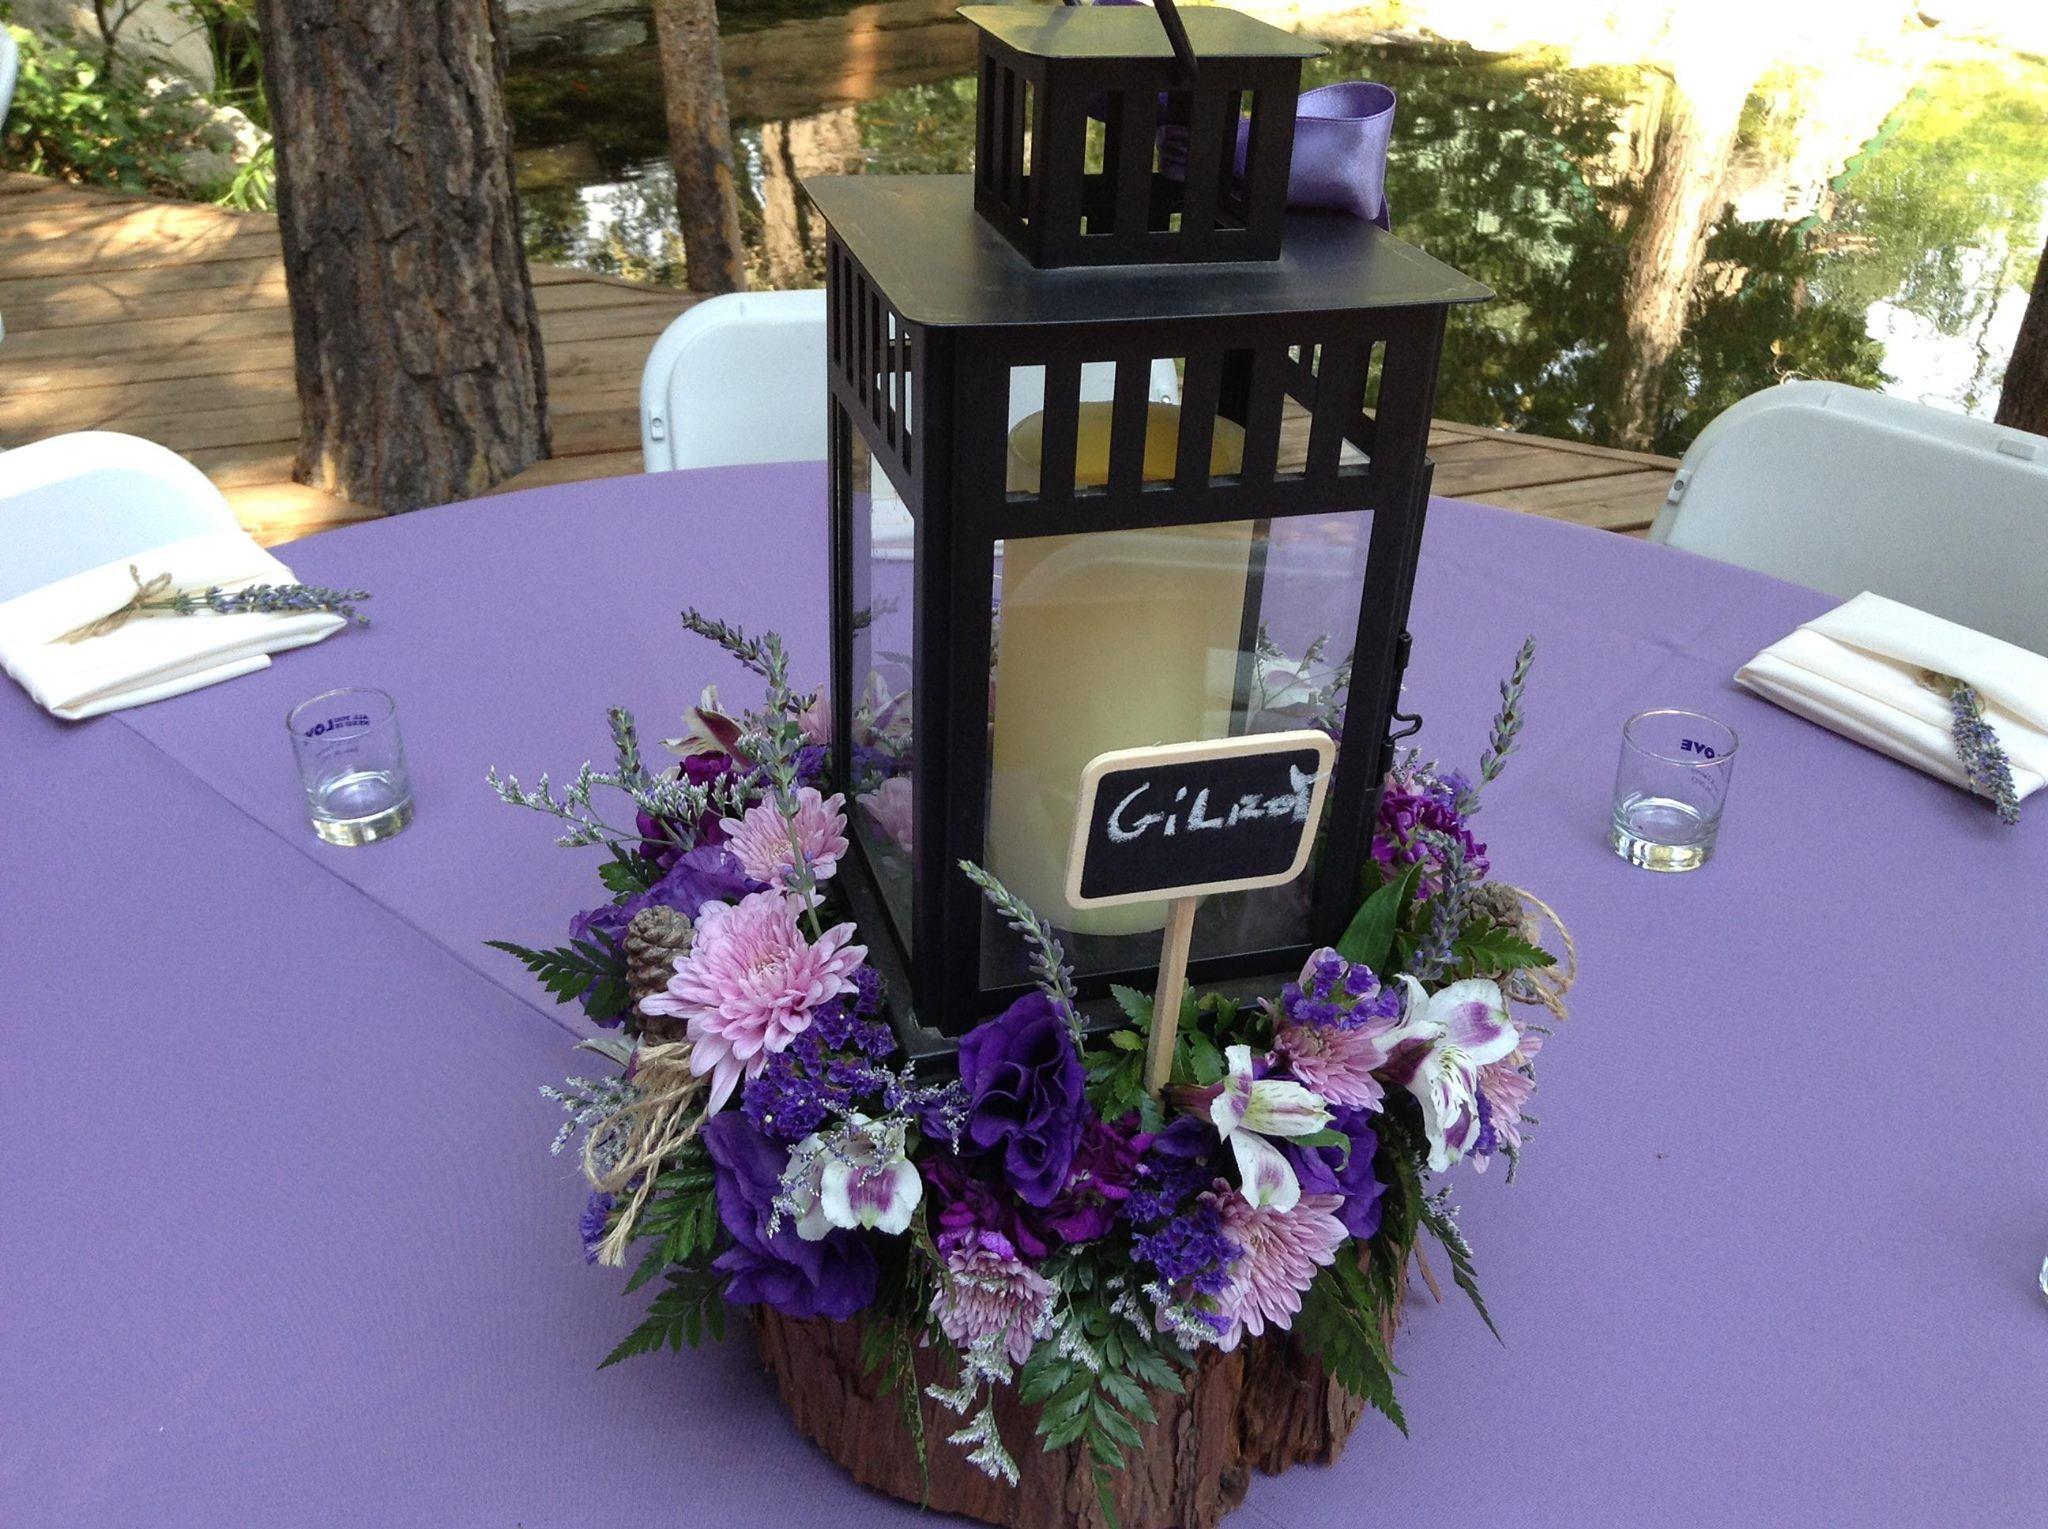 lantern wedding centerpiece with flowers YZt*6iVq t*mrPiZZ66S bQ lanterns for weddings Wedding Centerpieces